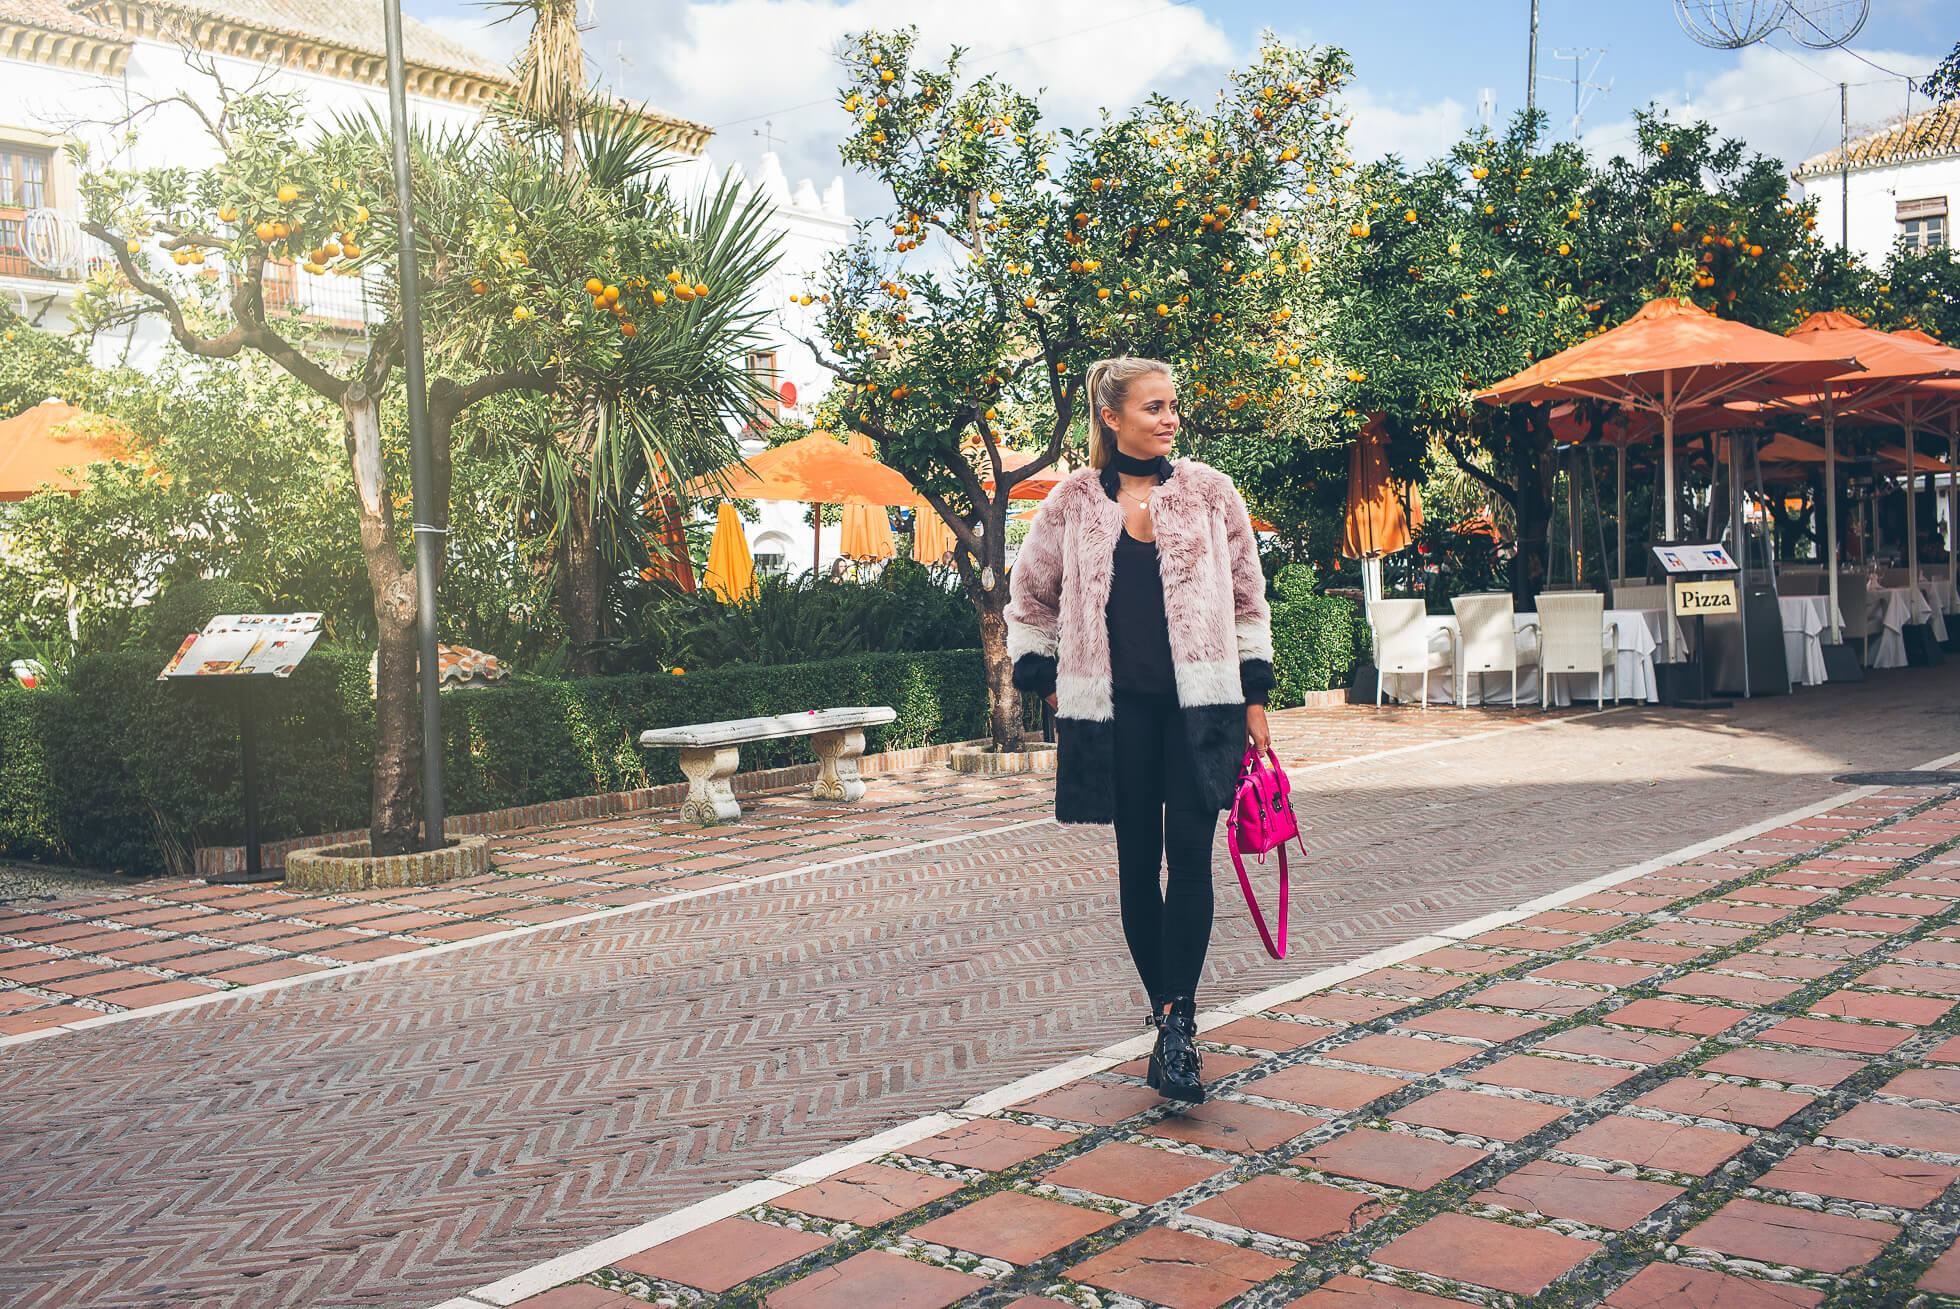 janni-deler-marbella-townL1008755-Redigera-Redigera